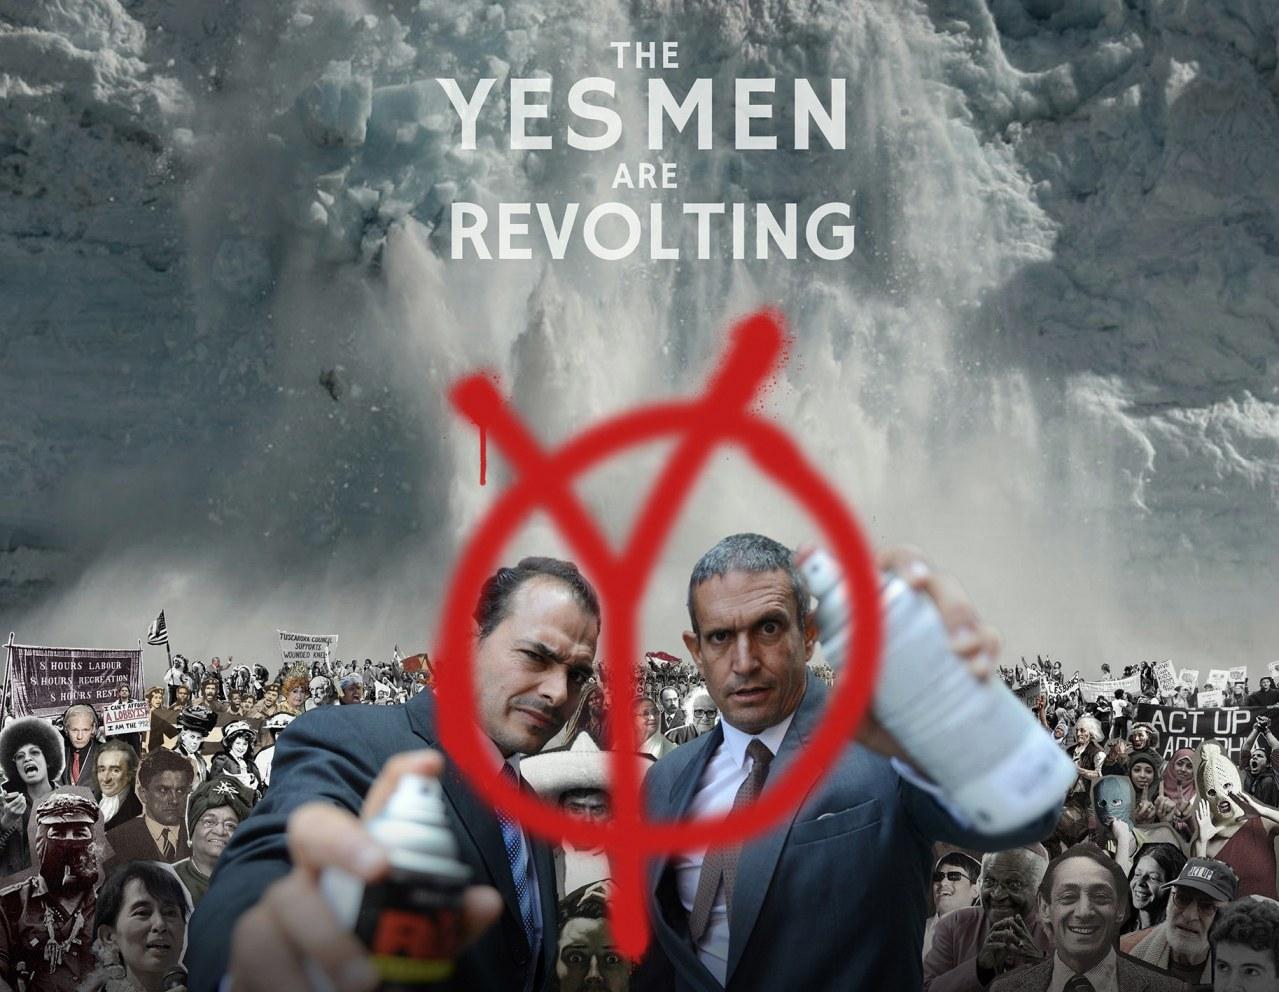 Die Yes Men - Jetzt wird's persönlich - Bild 5